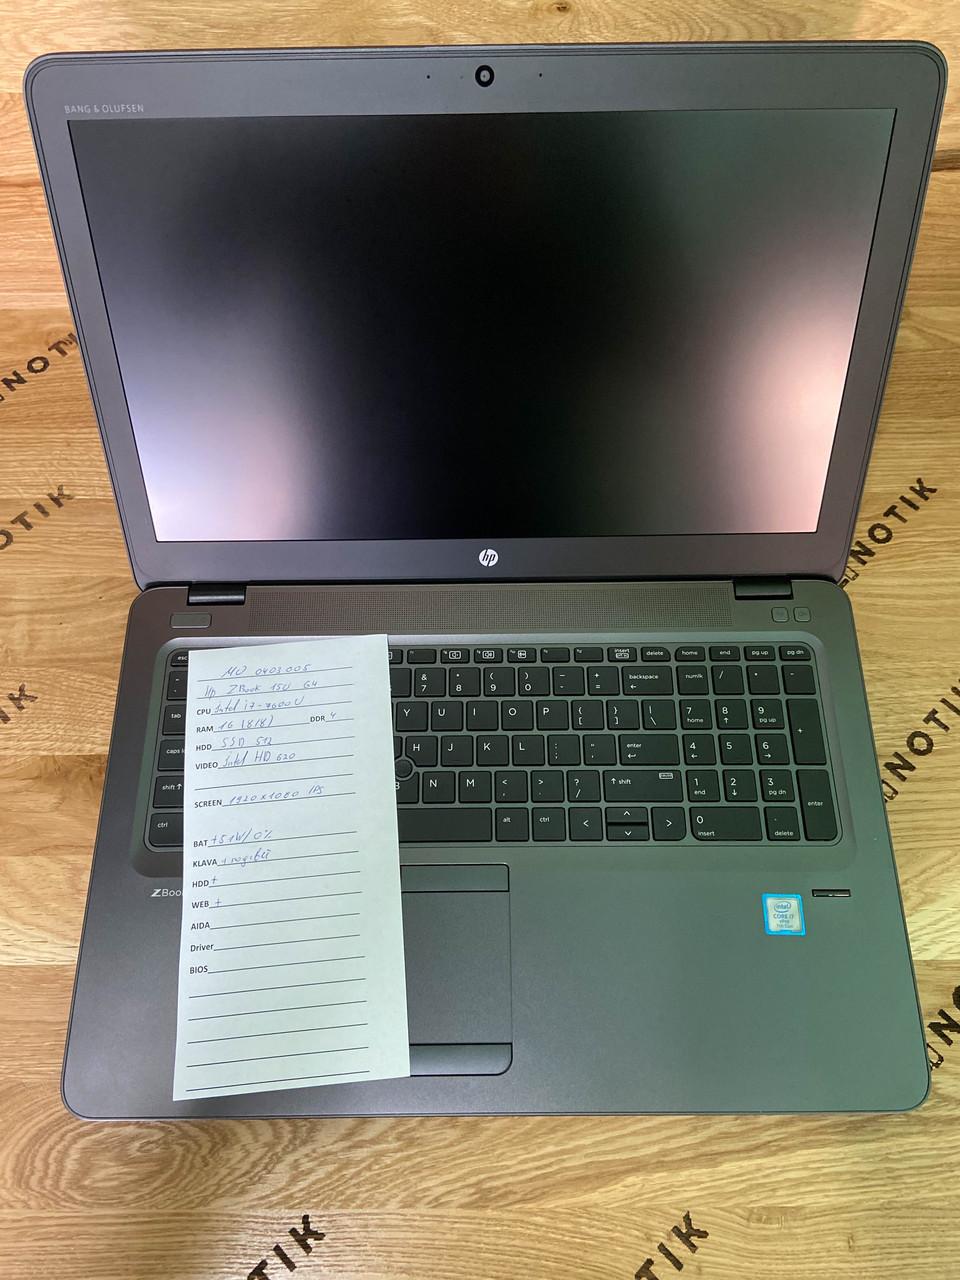 Ноутбук HP ZBook 15u G4 i7-7600u / 16Gb / 256 SSD / FullHD IPS (Новый)